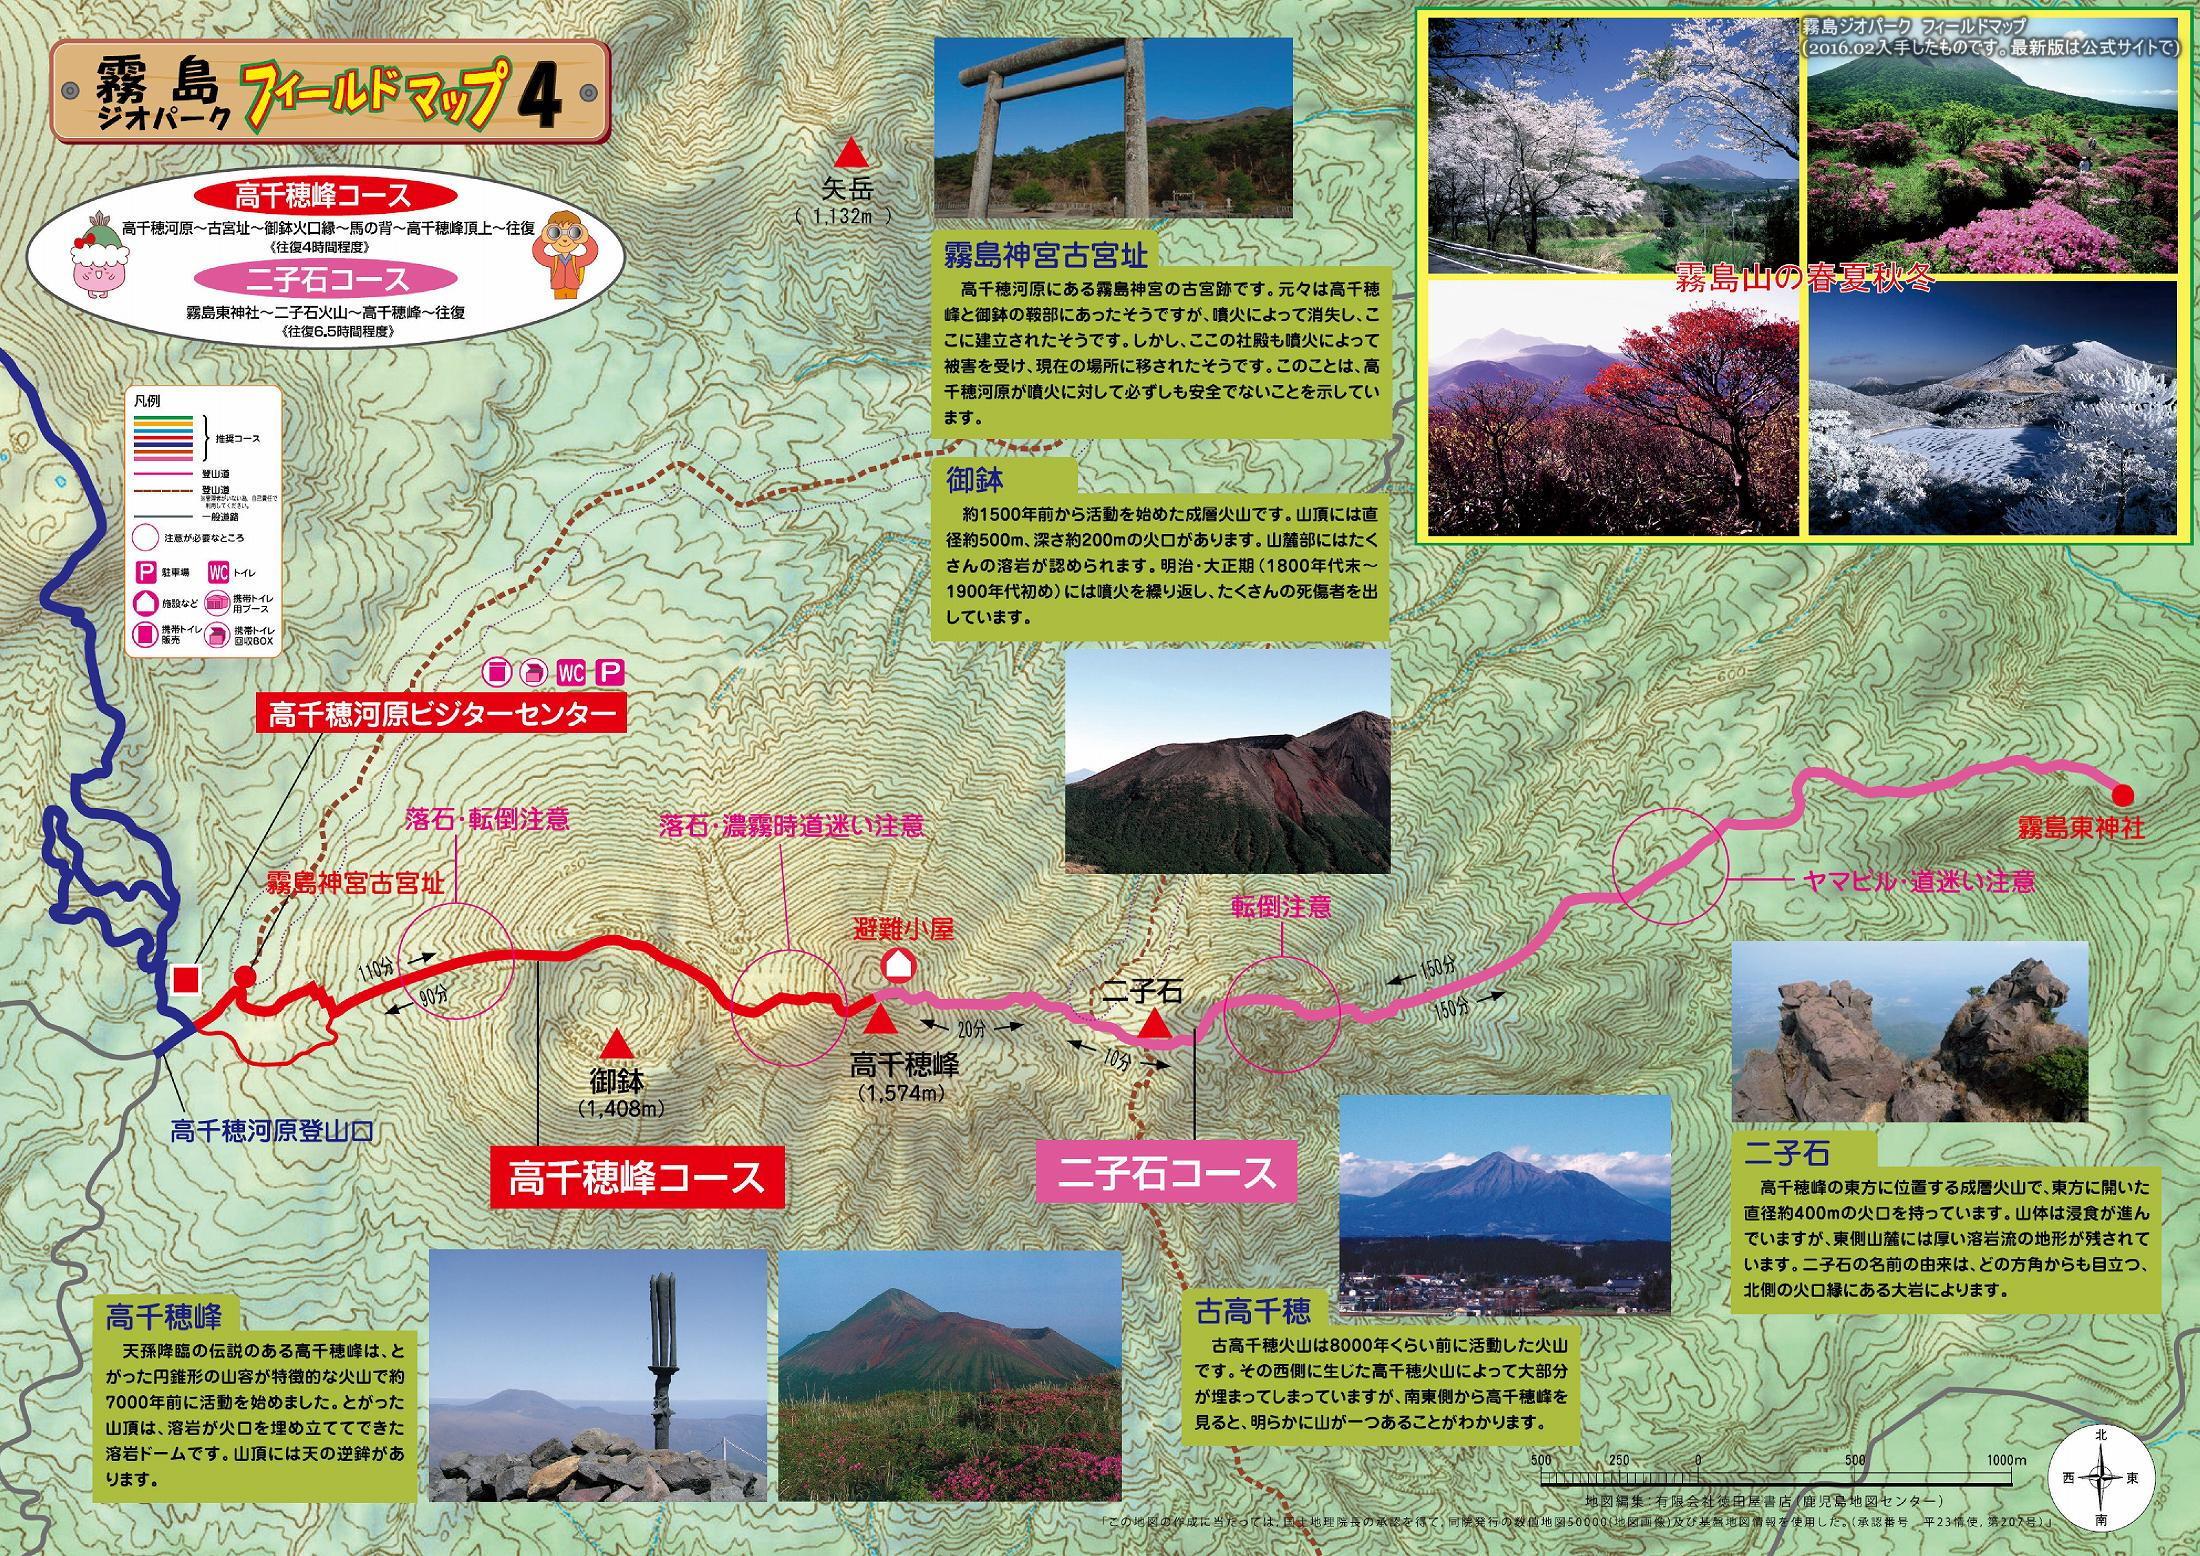 ca3581d1b6 霧島ジオパークフィールドマップ4 高千穂峰 二子石コース(高原町から)